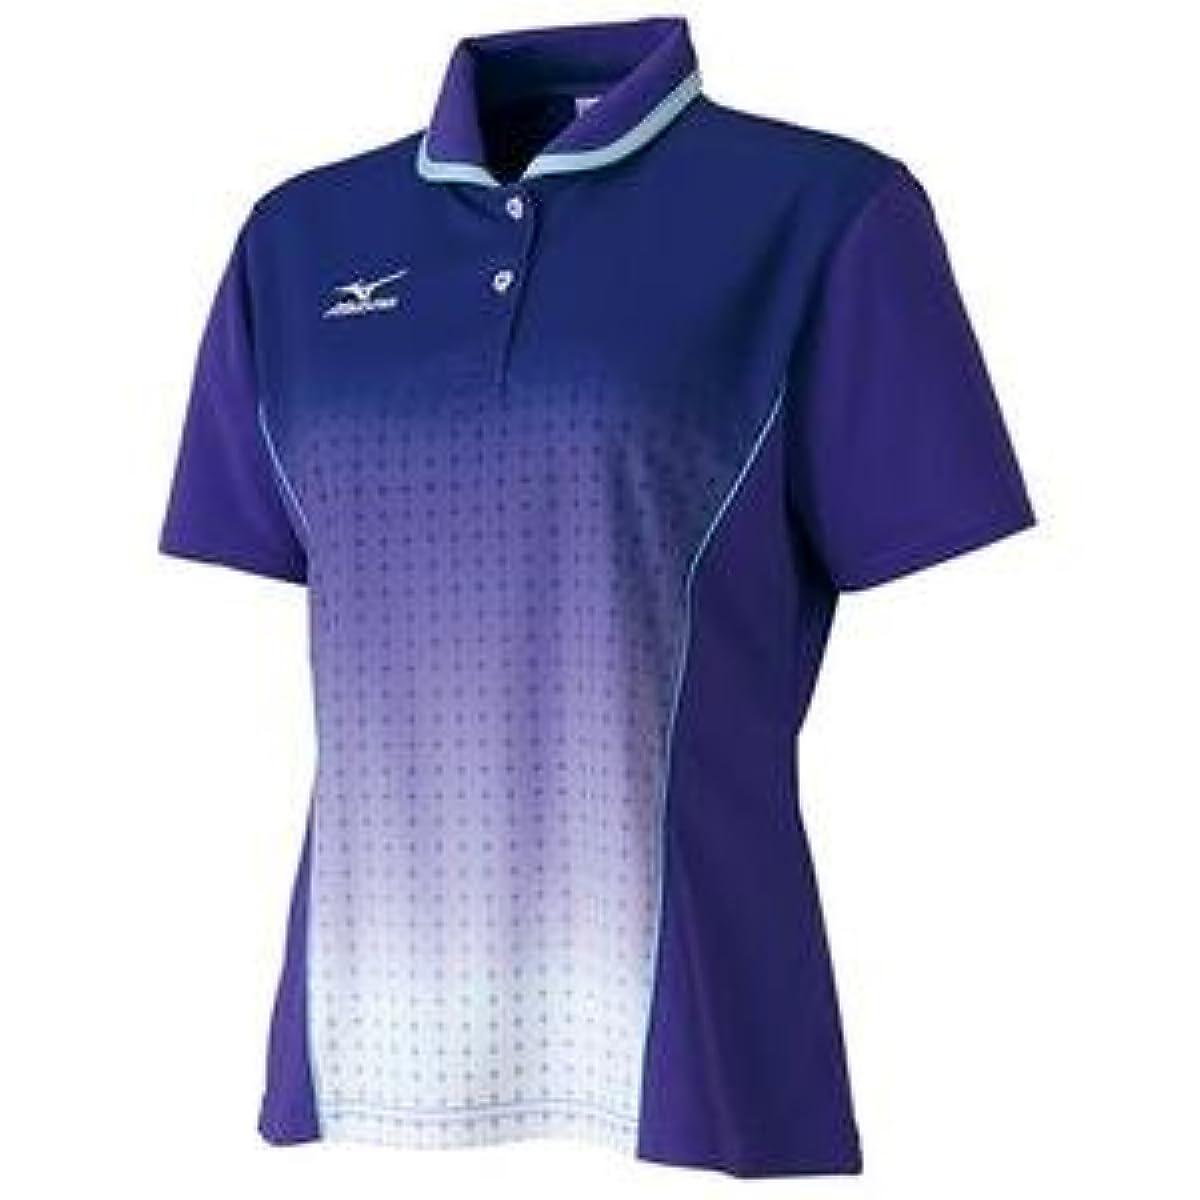 [해외] MIZUNO 게임 셔츠(탁구/레이디스)(퍼플) 주문 상품 사이즈:M